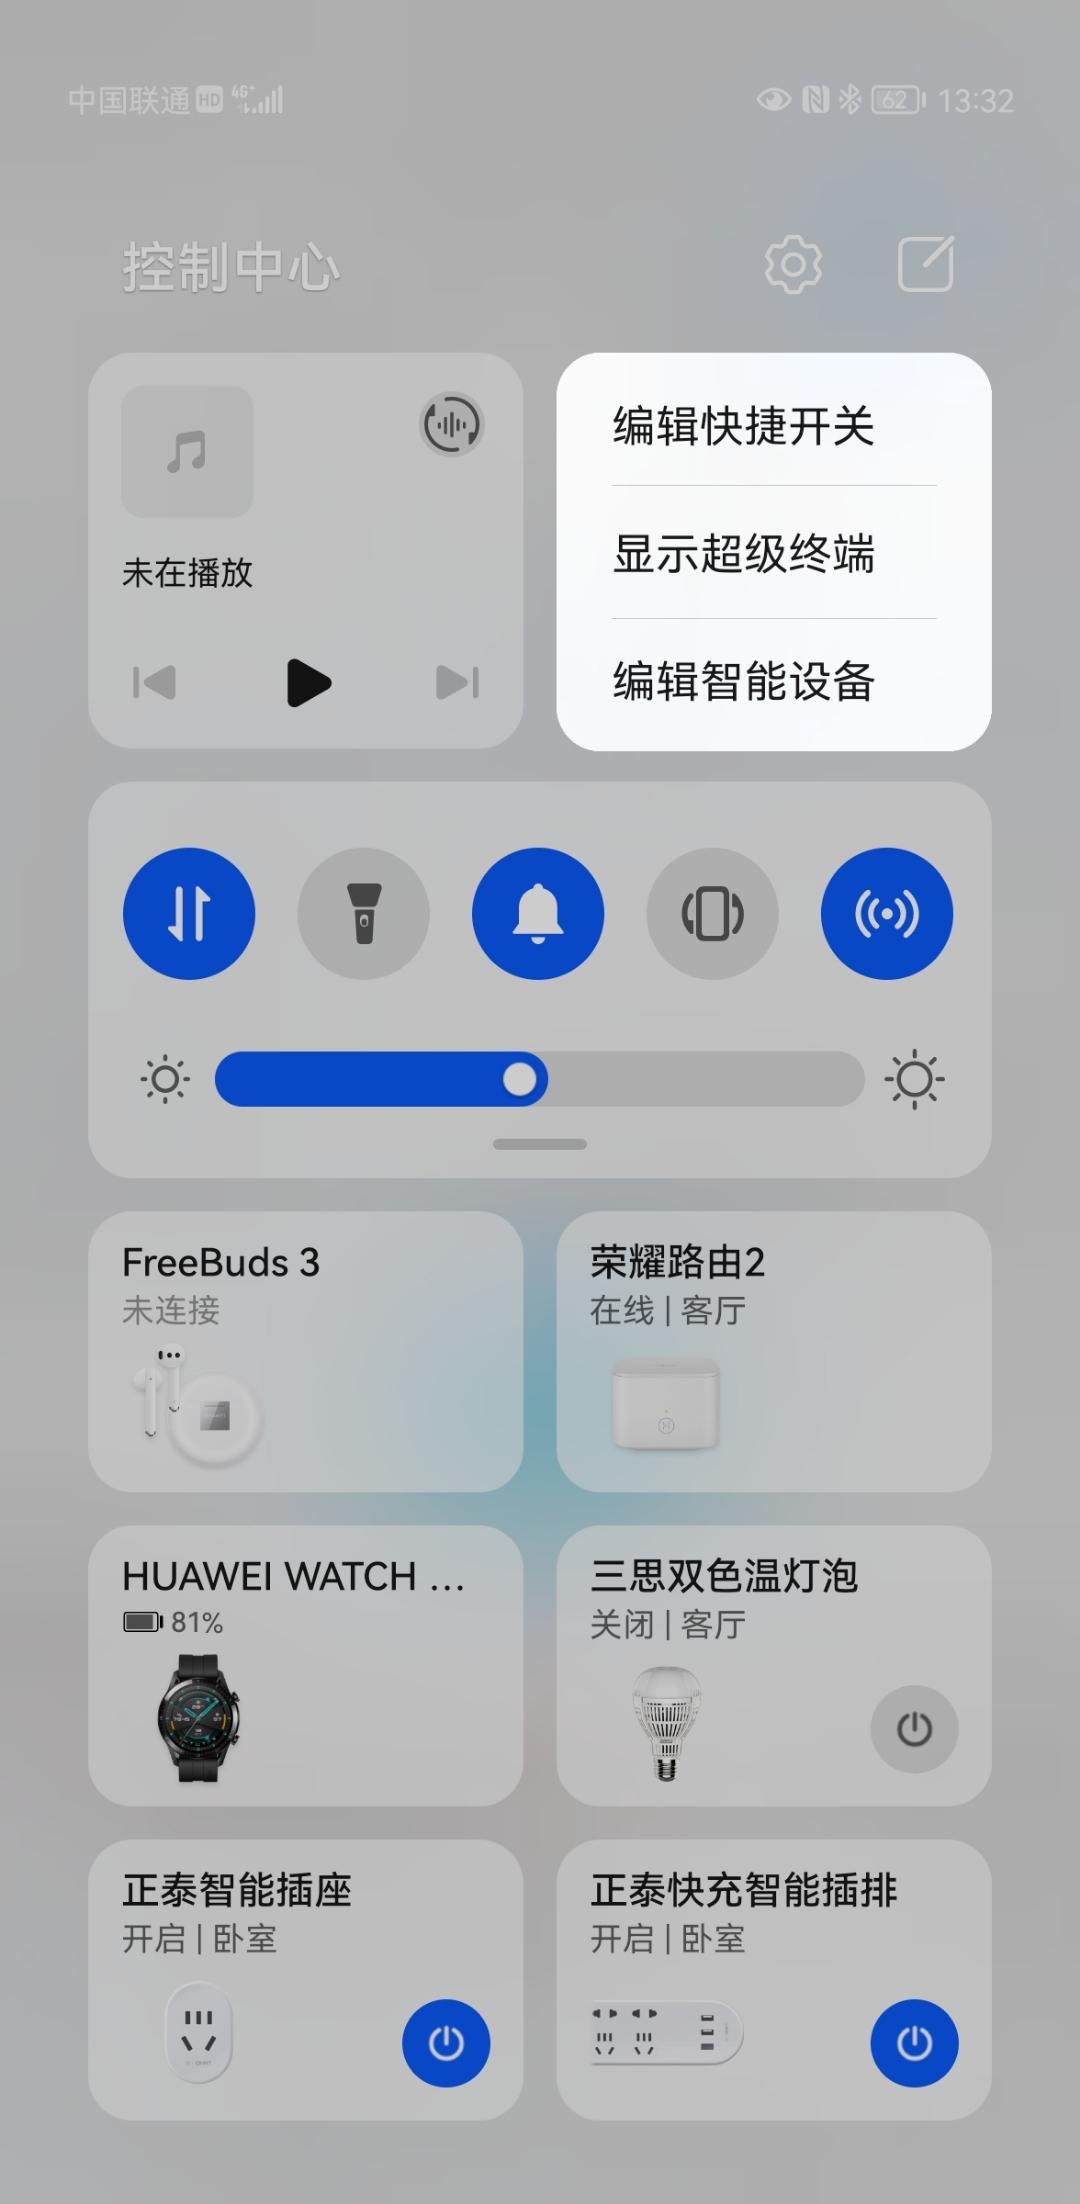 Screenshot_20210628_133245_com.huawei.fans.jpg